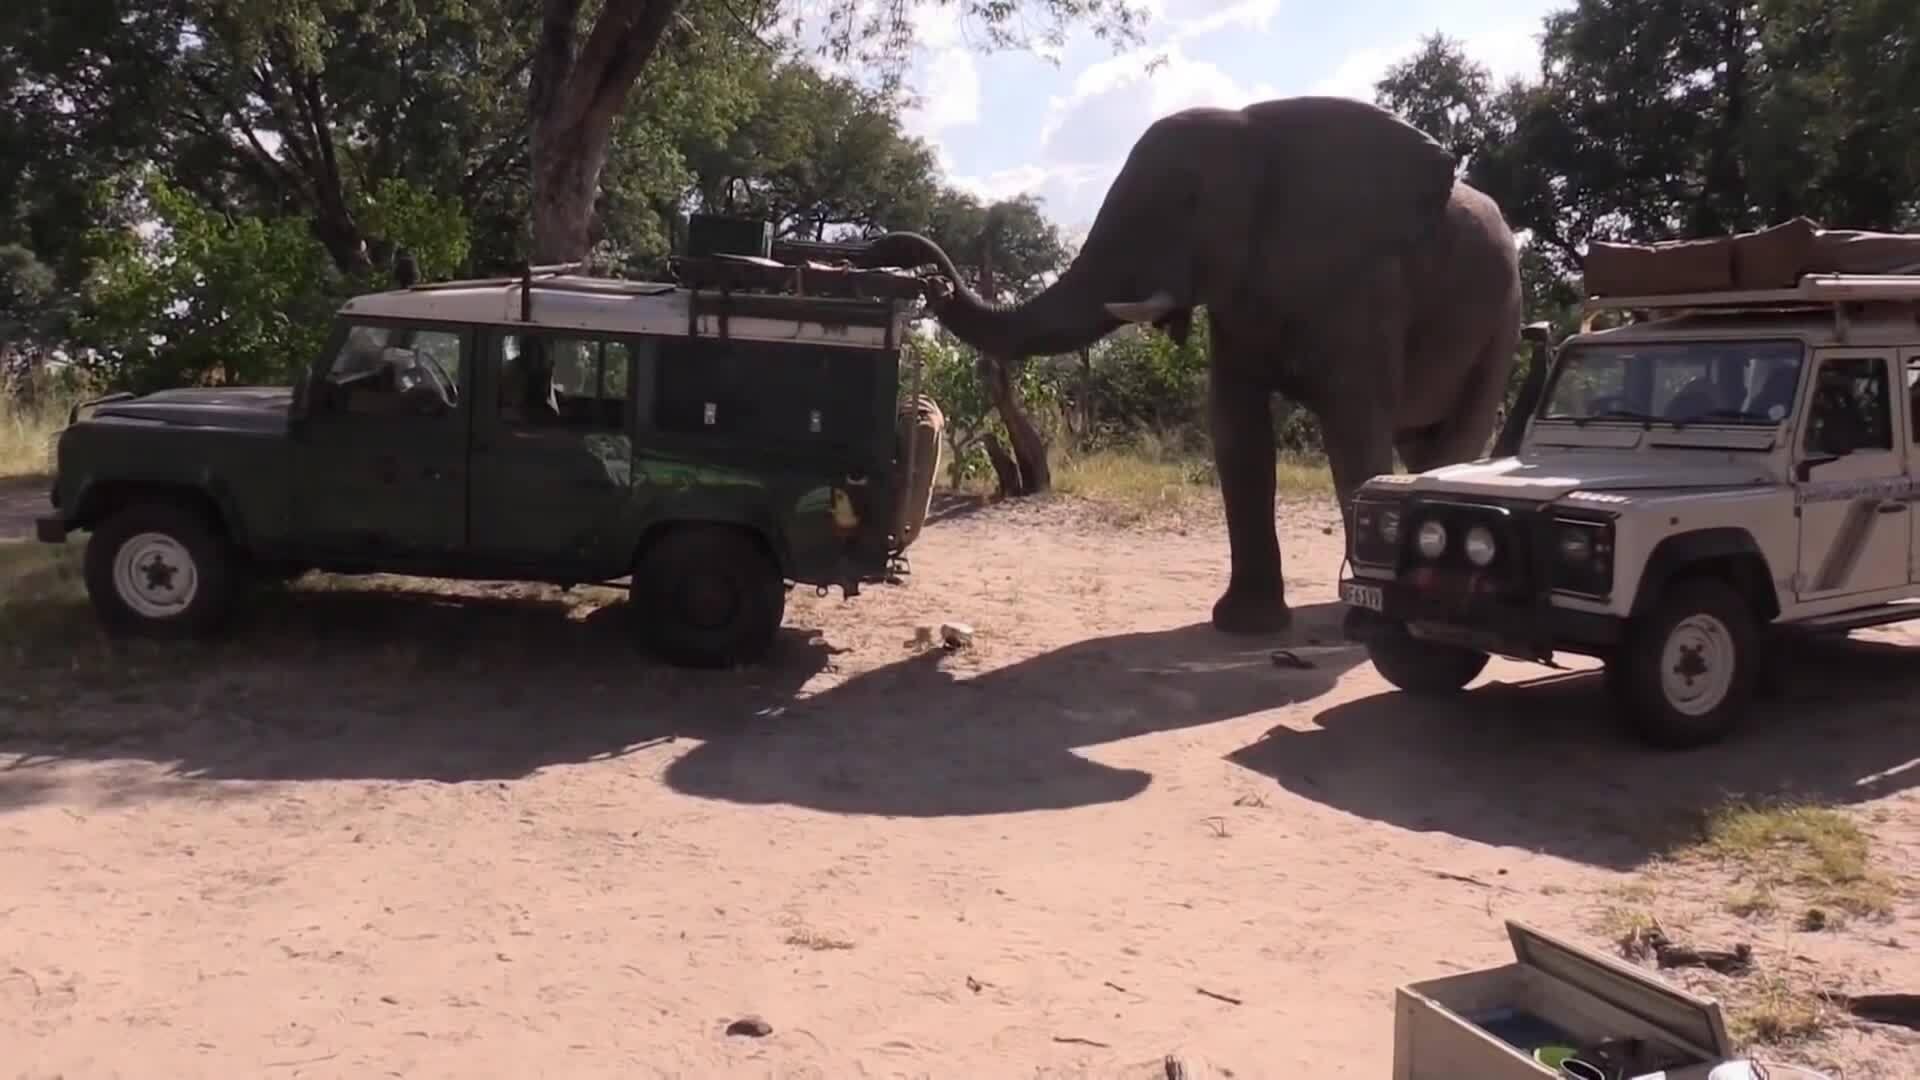 Voi cạy cửa ôtô trộm rau ở khu bảo tồn Botswana